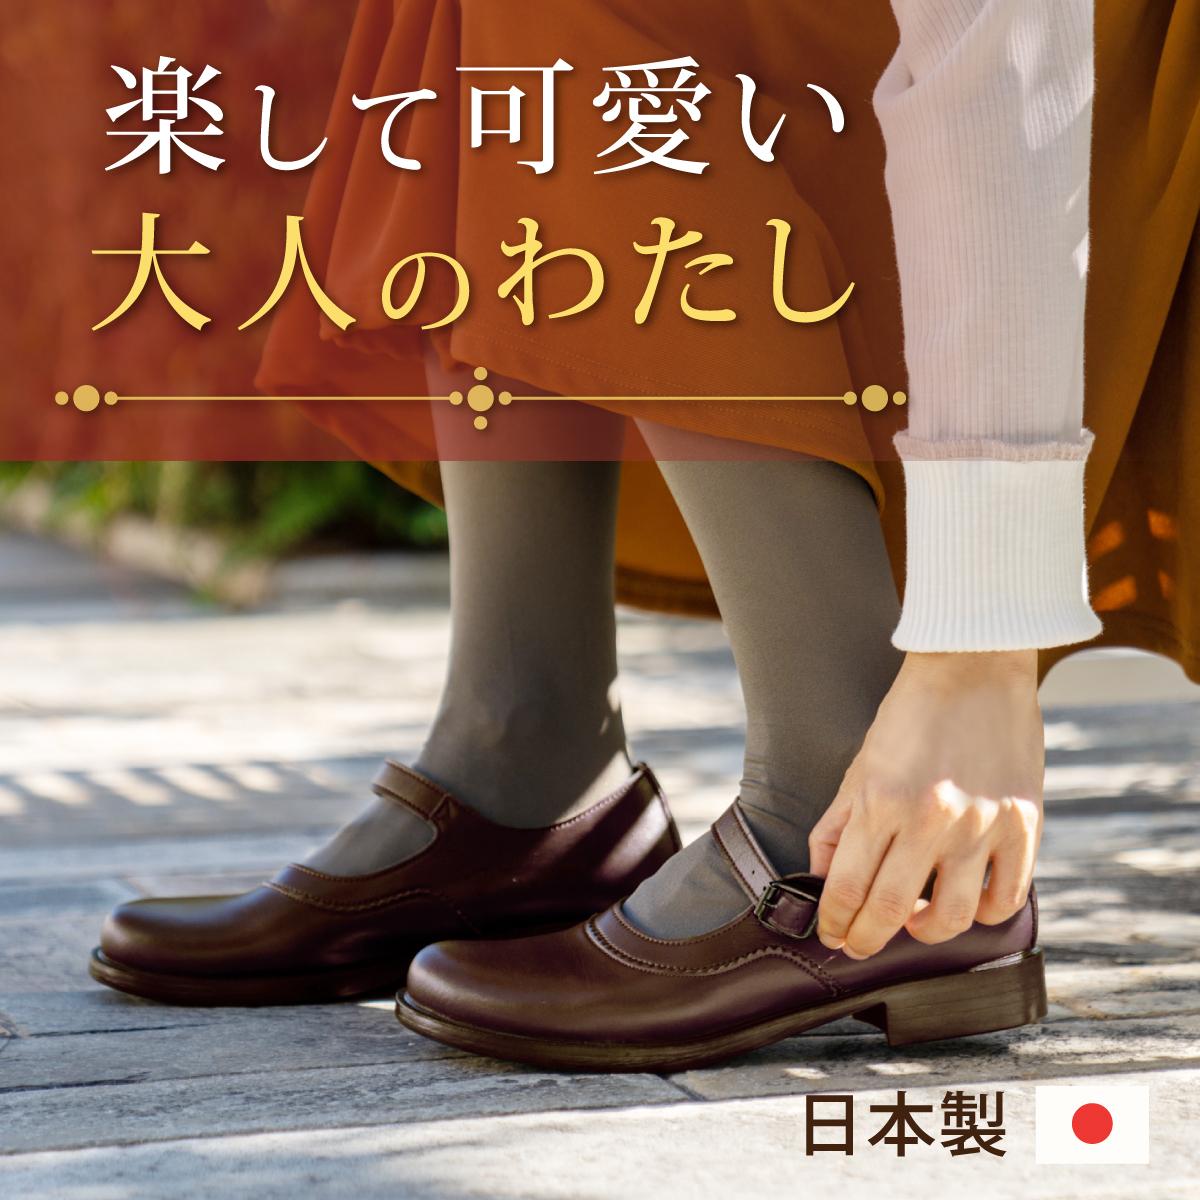 フラットシューズ ストラップシューズ パンプス 即出荷 返品不可 ローヒール 発表会 通勤 通学 冠婚葬祭 日本製 A6594ベルオリジナル レディース 婦人靴 入学式